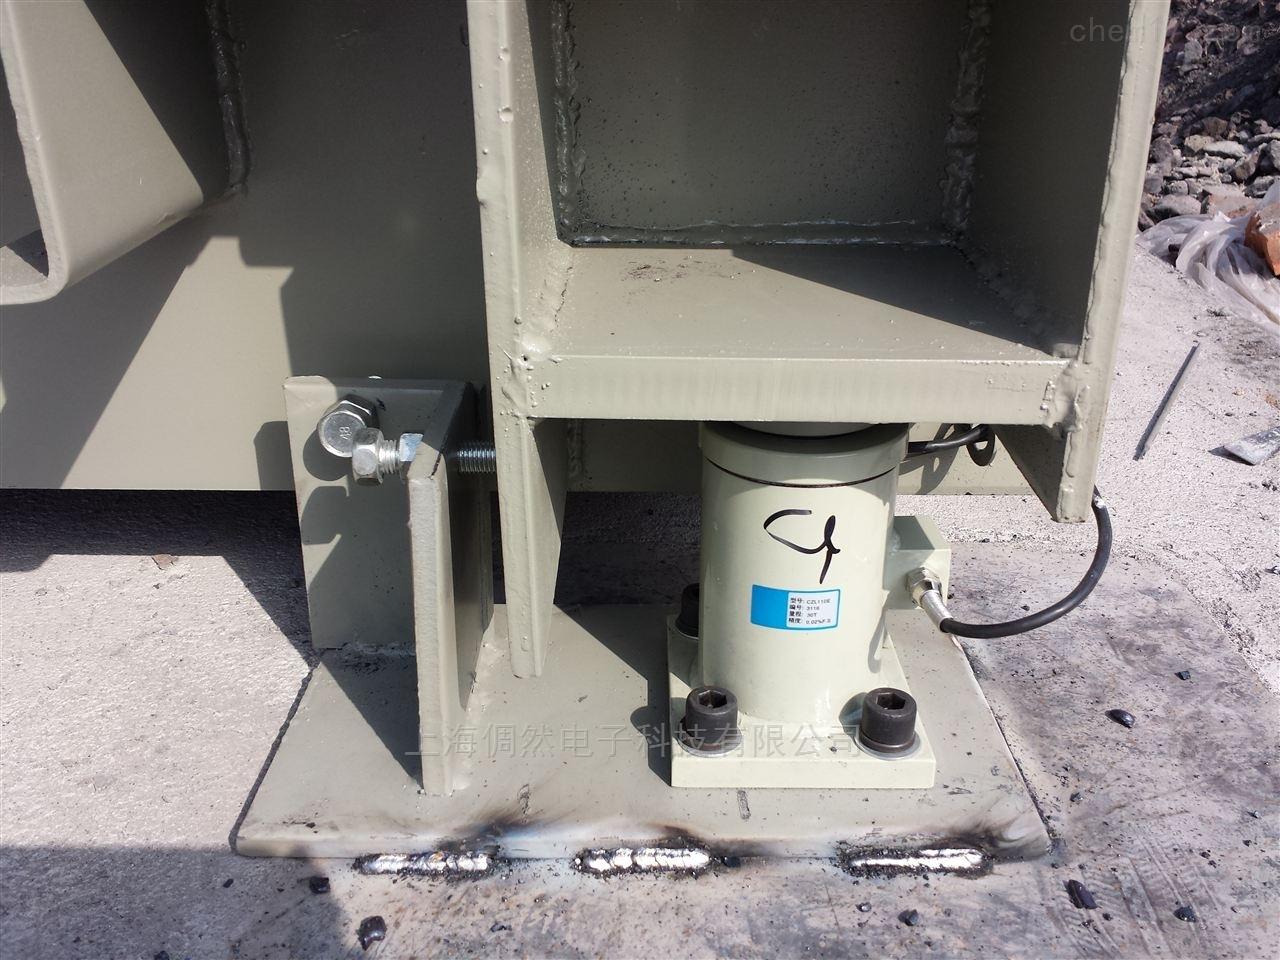 吉林100吨静态电子轨道衡/火车秤